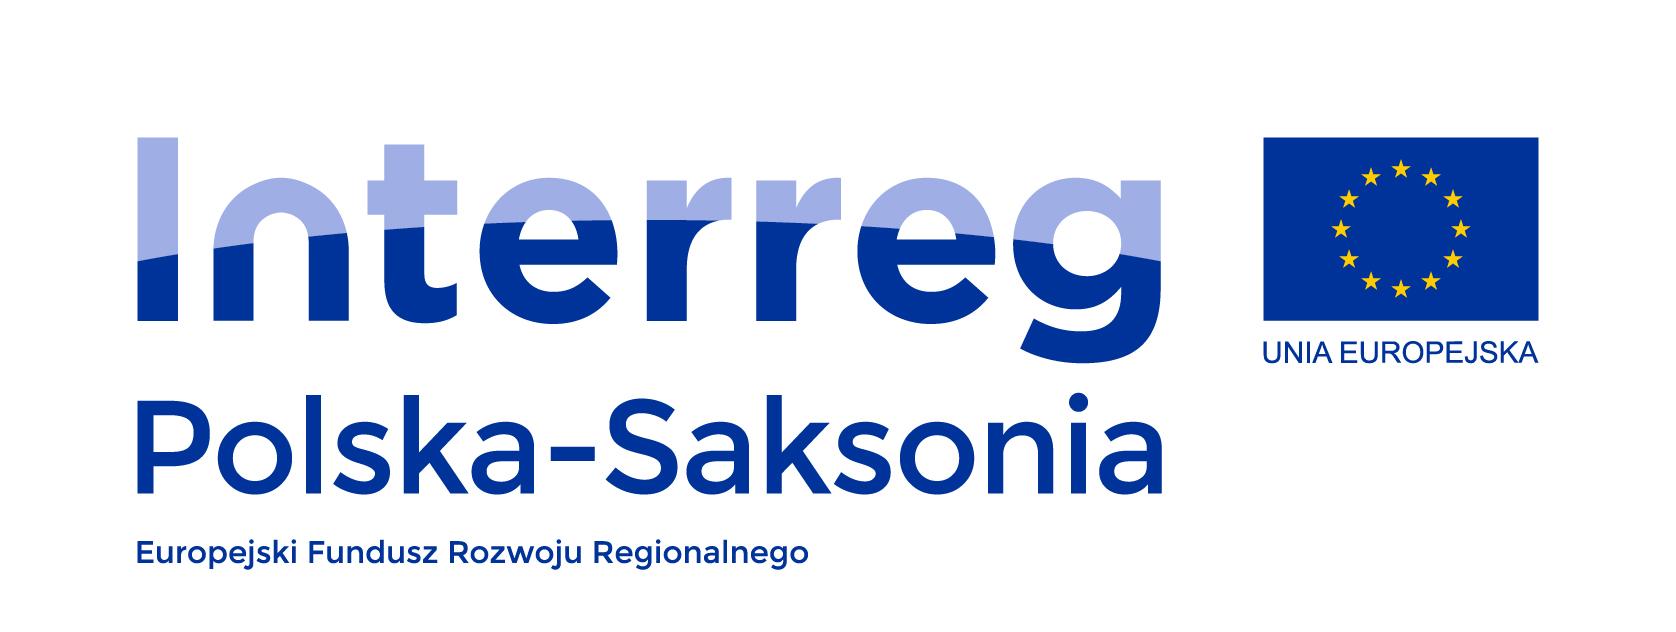 Logotyp Programu Współpracy INTERREG Polska-Saksonia 2014-2020